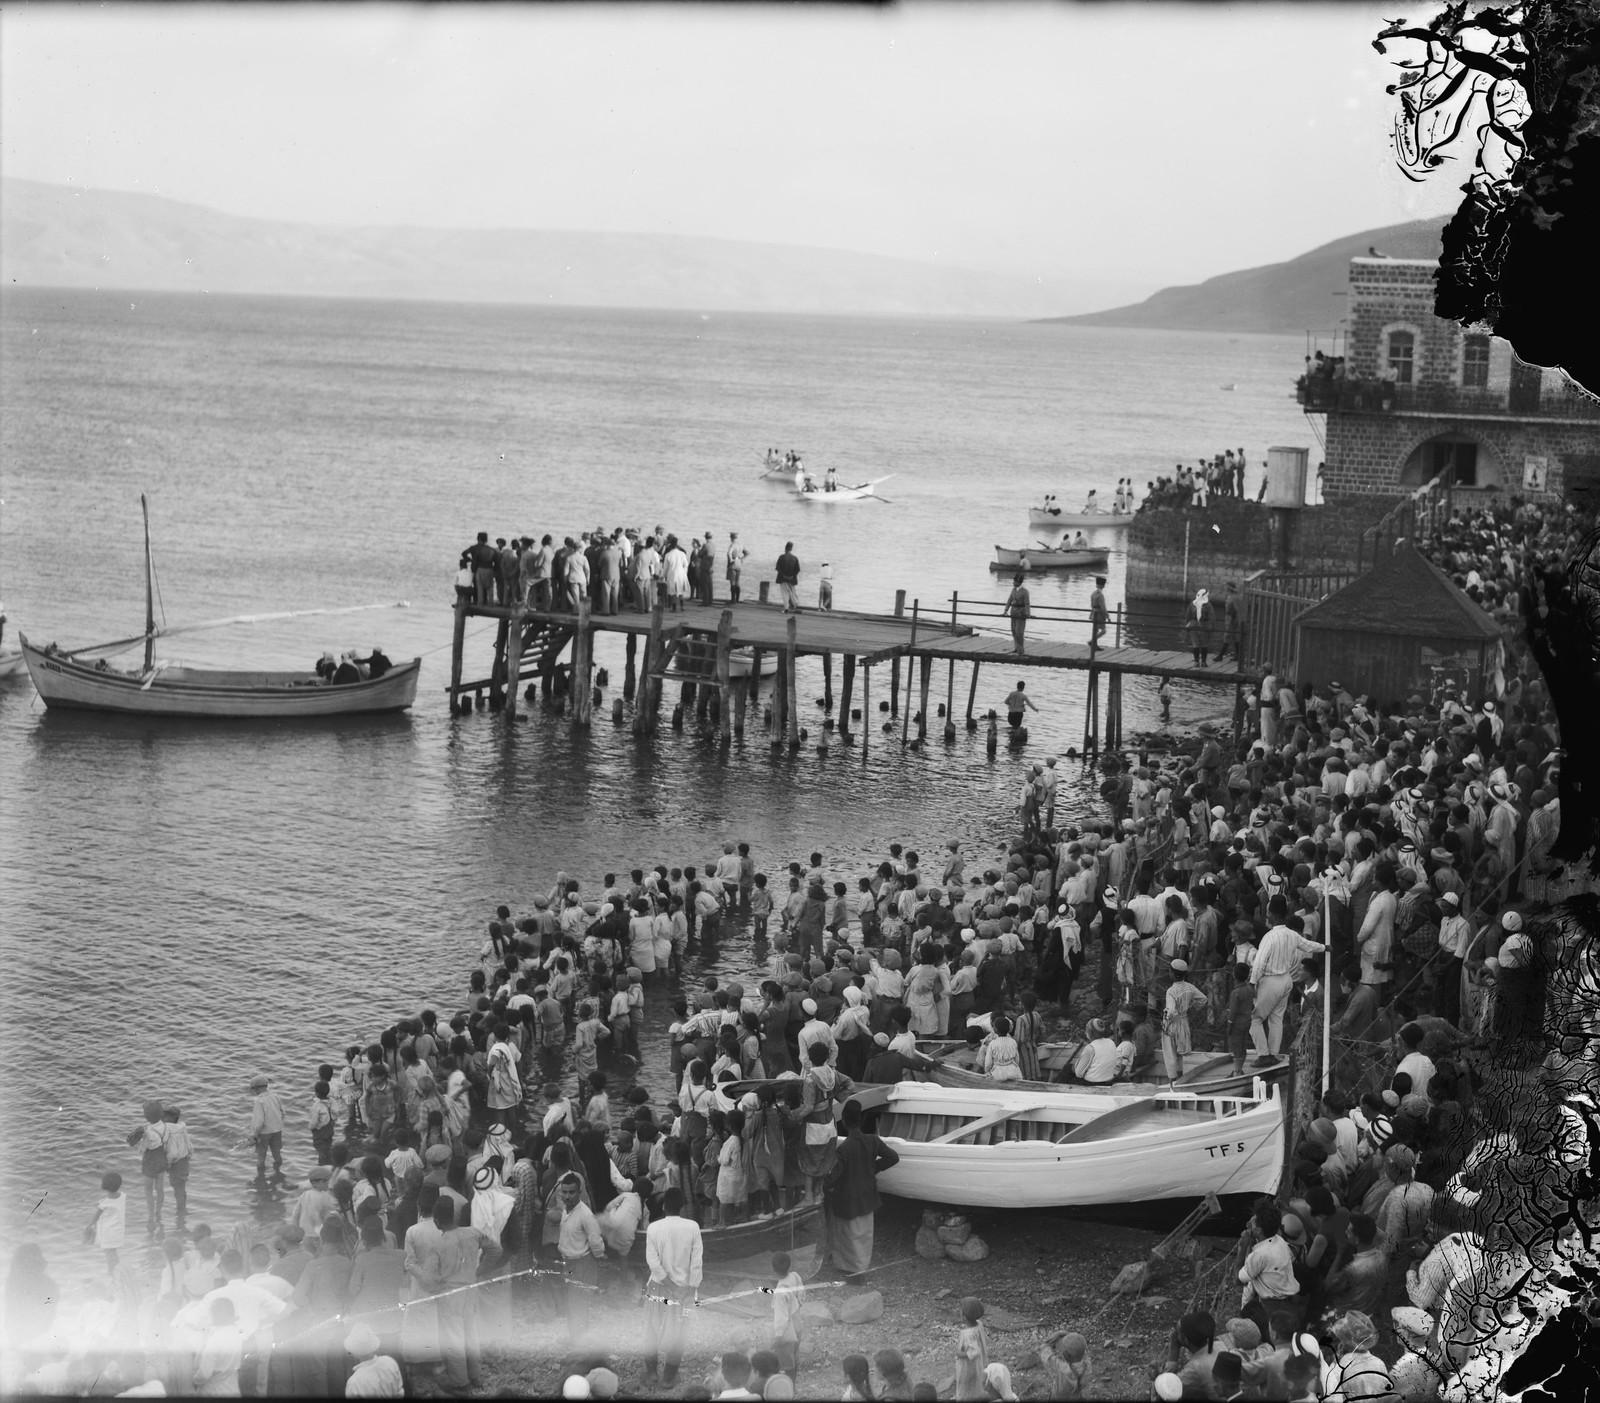 02. Летающую лодку ждут в Тверии. Толпа ожидает, что первый морской гидросамолет приводнится на воды Кинерета